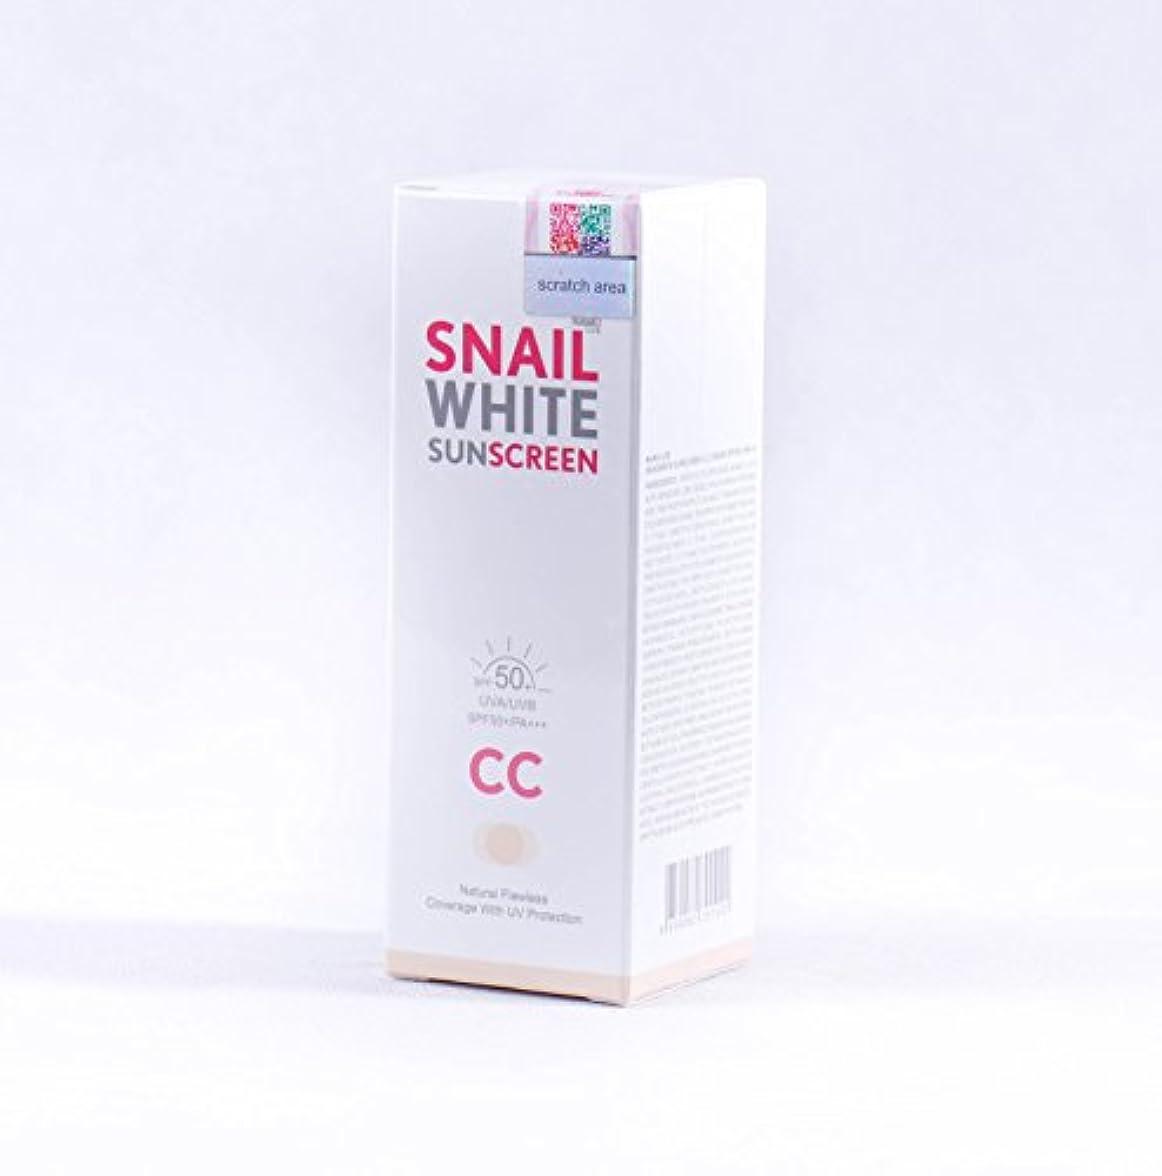 圧縮ヒョウ実業家ナムライフスパイシャンサンクスクリームSPF50 + / PA +++ 50 ml ホワイトニング NAMU LIFE SNAILWHITE SUNSCREEN CC CREAM SPF50 + / PA +++ 50 ml